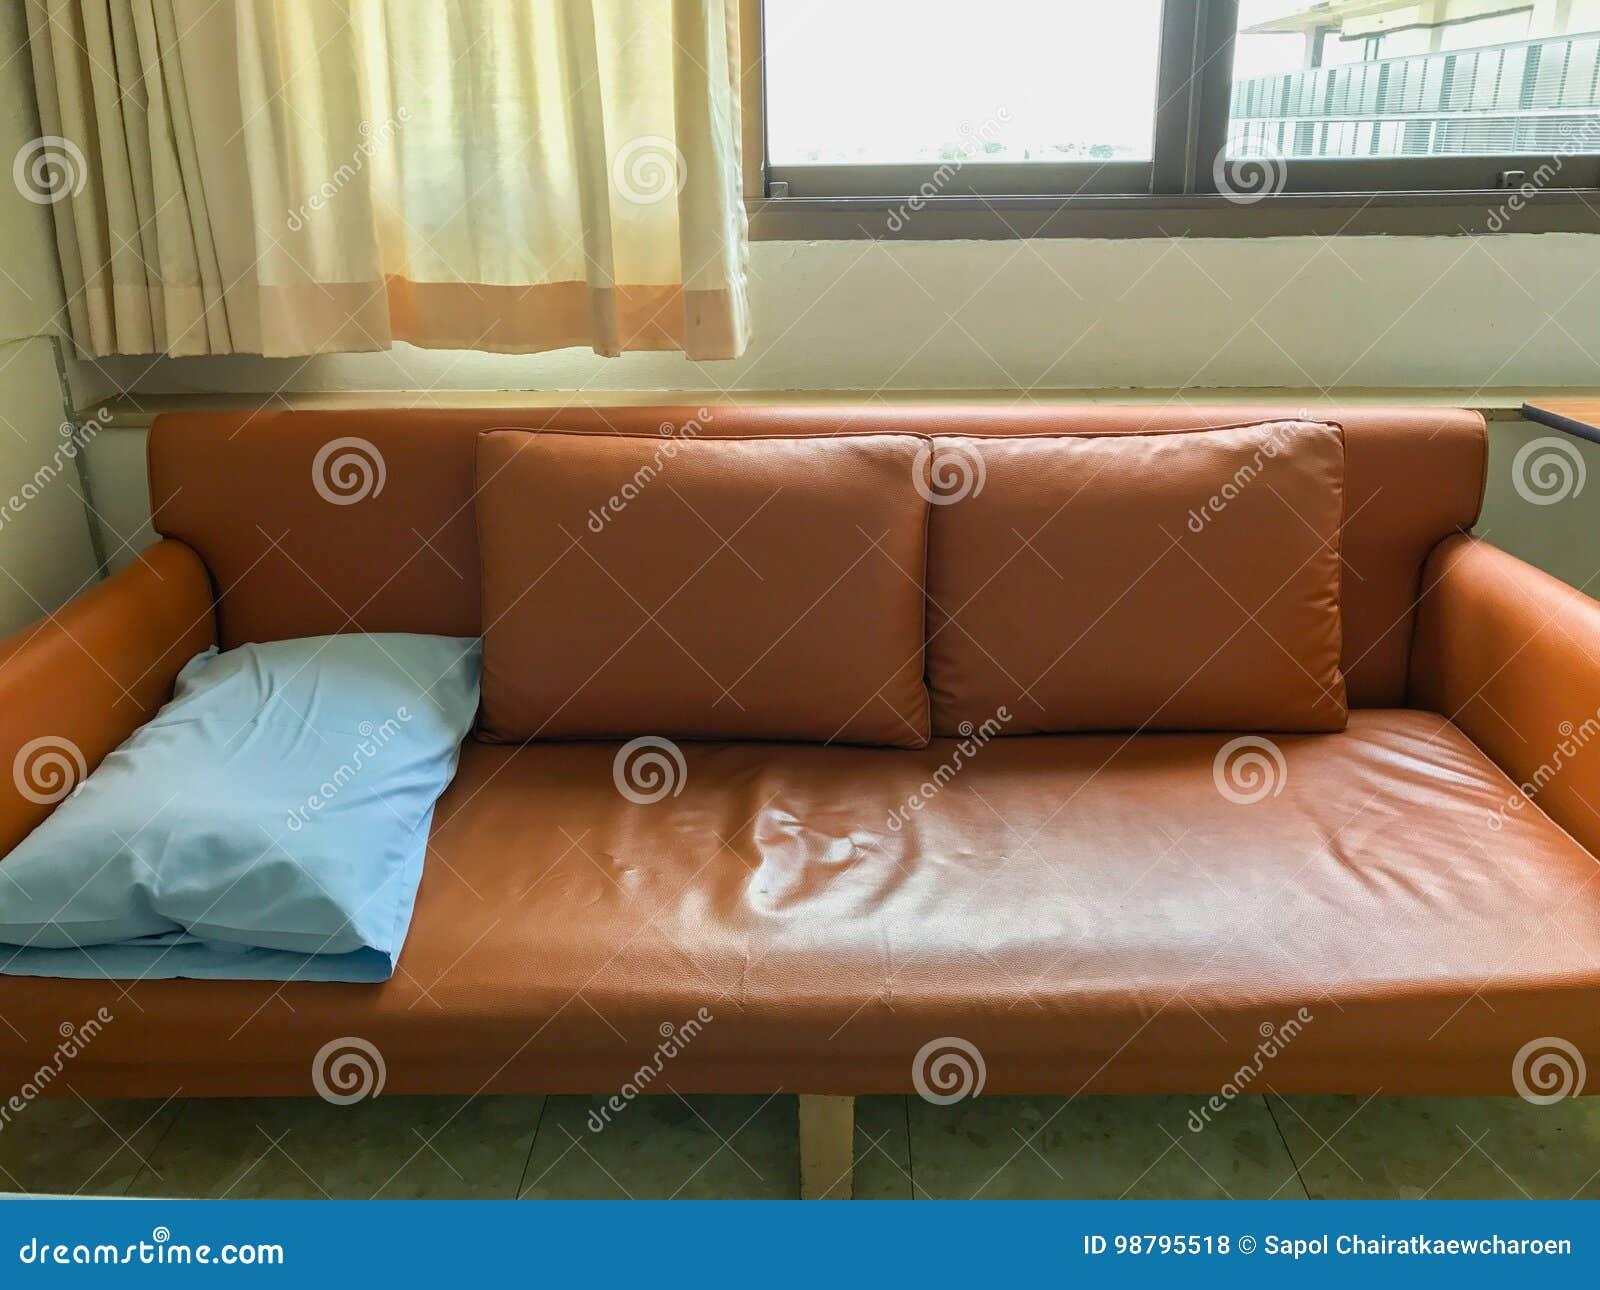 Brilliant Hellblaues Sofa Das Beste Von Pattern Ein Kissen Und Zwei Orange Kissen